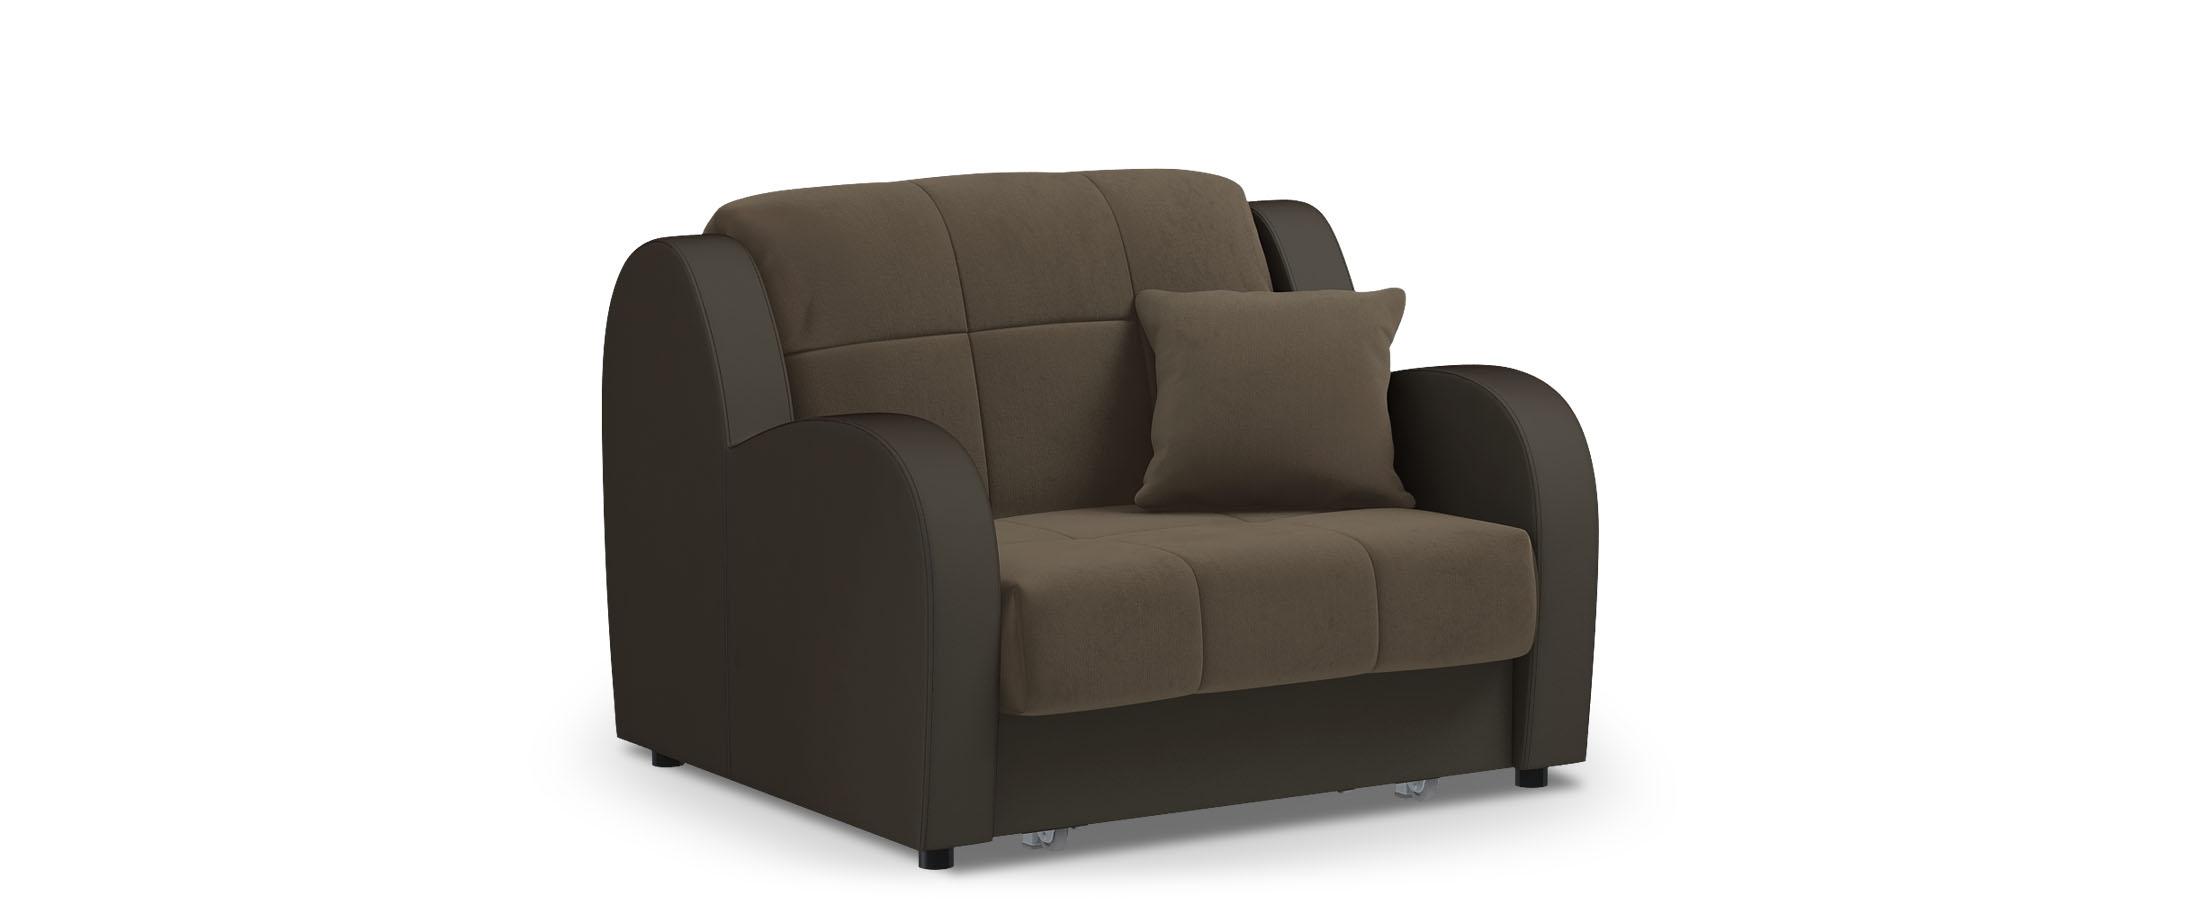 Кресло раскладное Барон 022Купить коричневое кресло-кровать Барон 022. Доставка от 1 дня. Подъём, сборка, вынос упаковки. Гарантия 18 месяцев. Интернет-магазин мебели MOON-TRADE.RU. Артикул: 001712.<br>